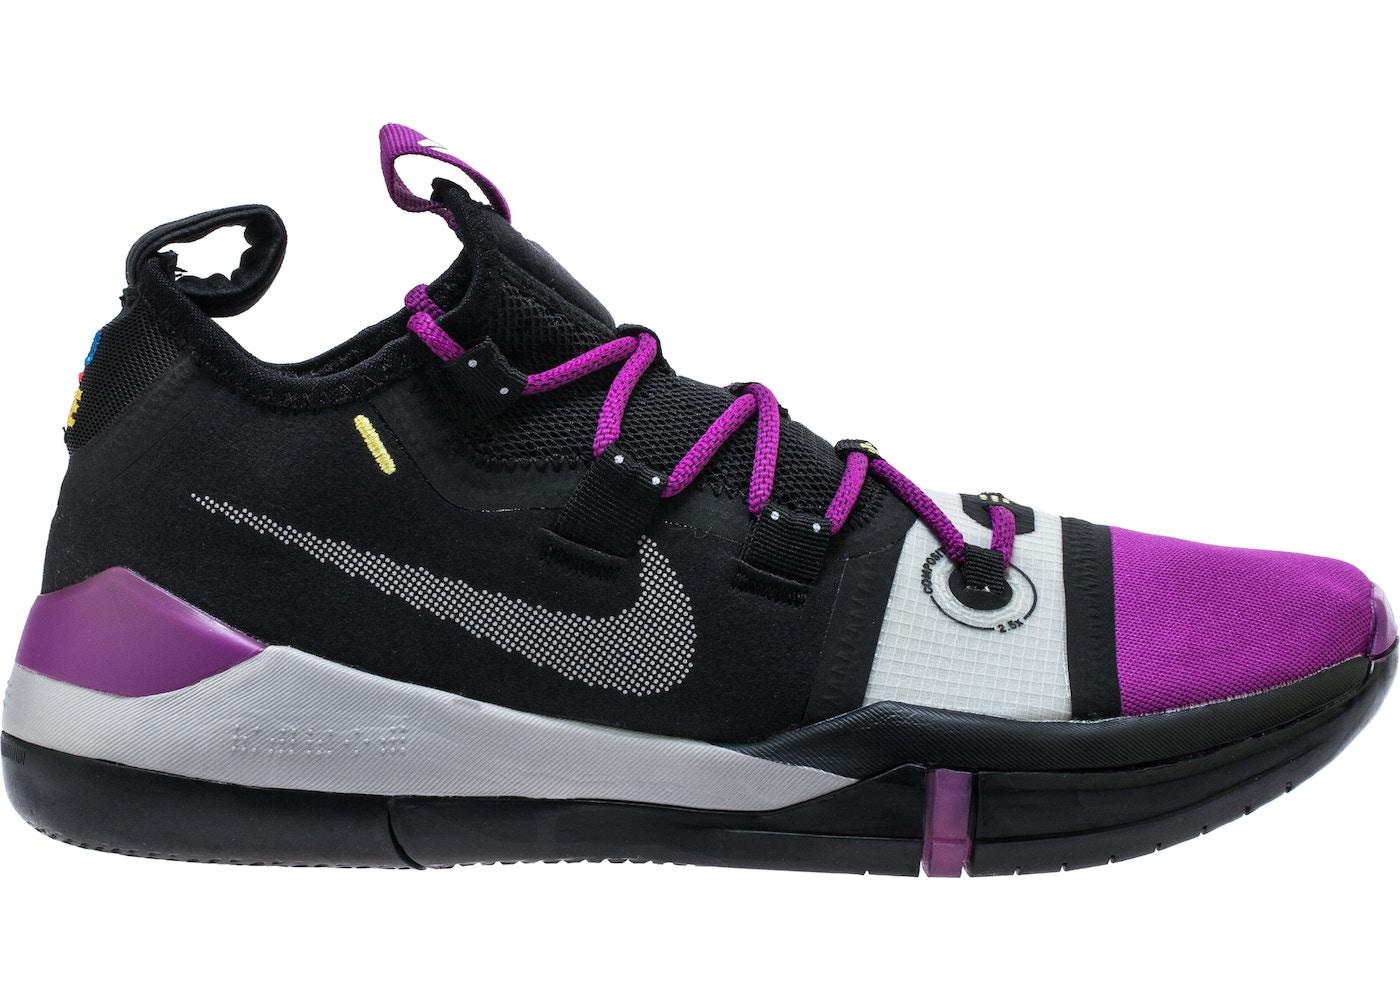 cf7f7a3e86b7 Buy Nike Kobe Shoes   Deadstock Sneakers